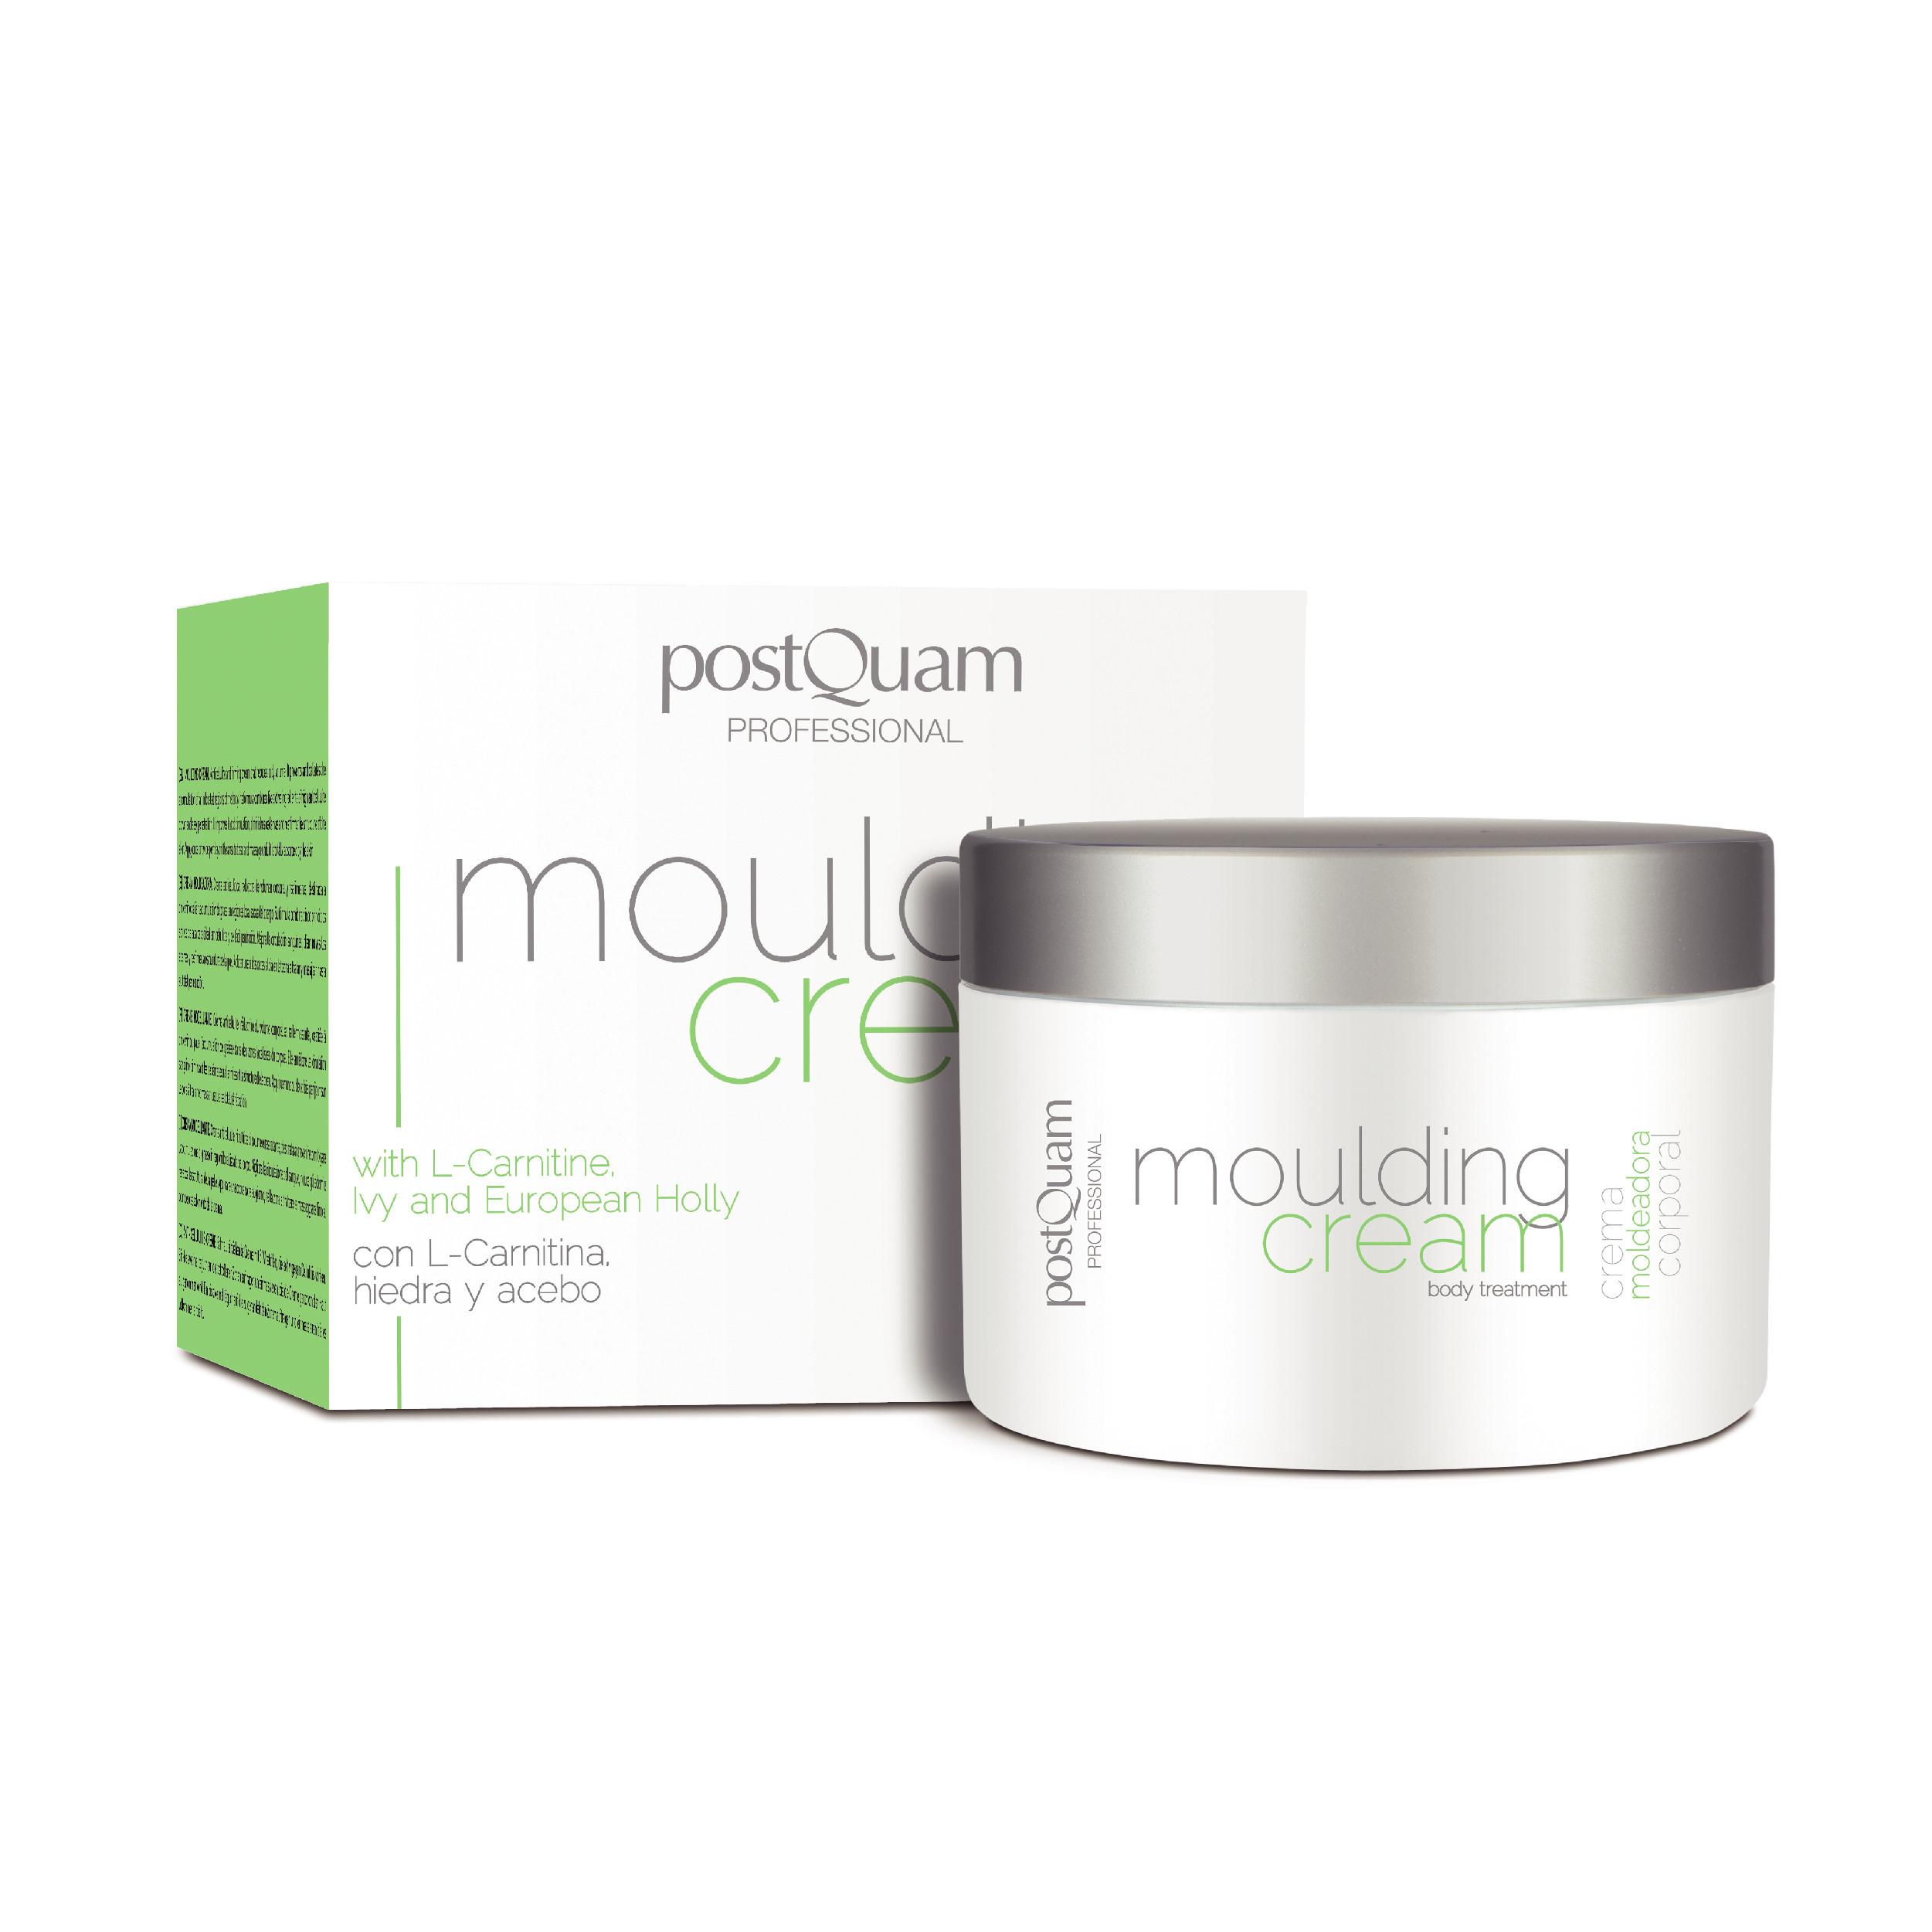 postQuam - Kem Body Giúp Săn Chắc, Thon Gọn & Ngăn Tích Mỡ (200ml)